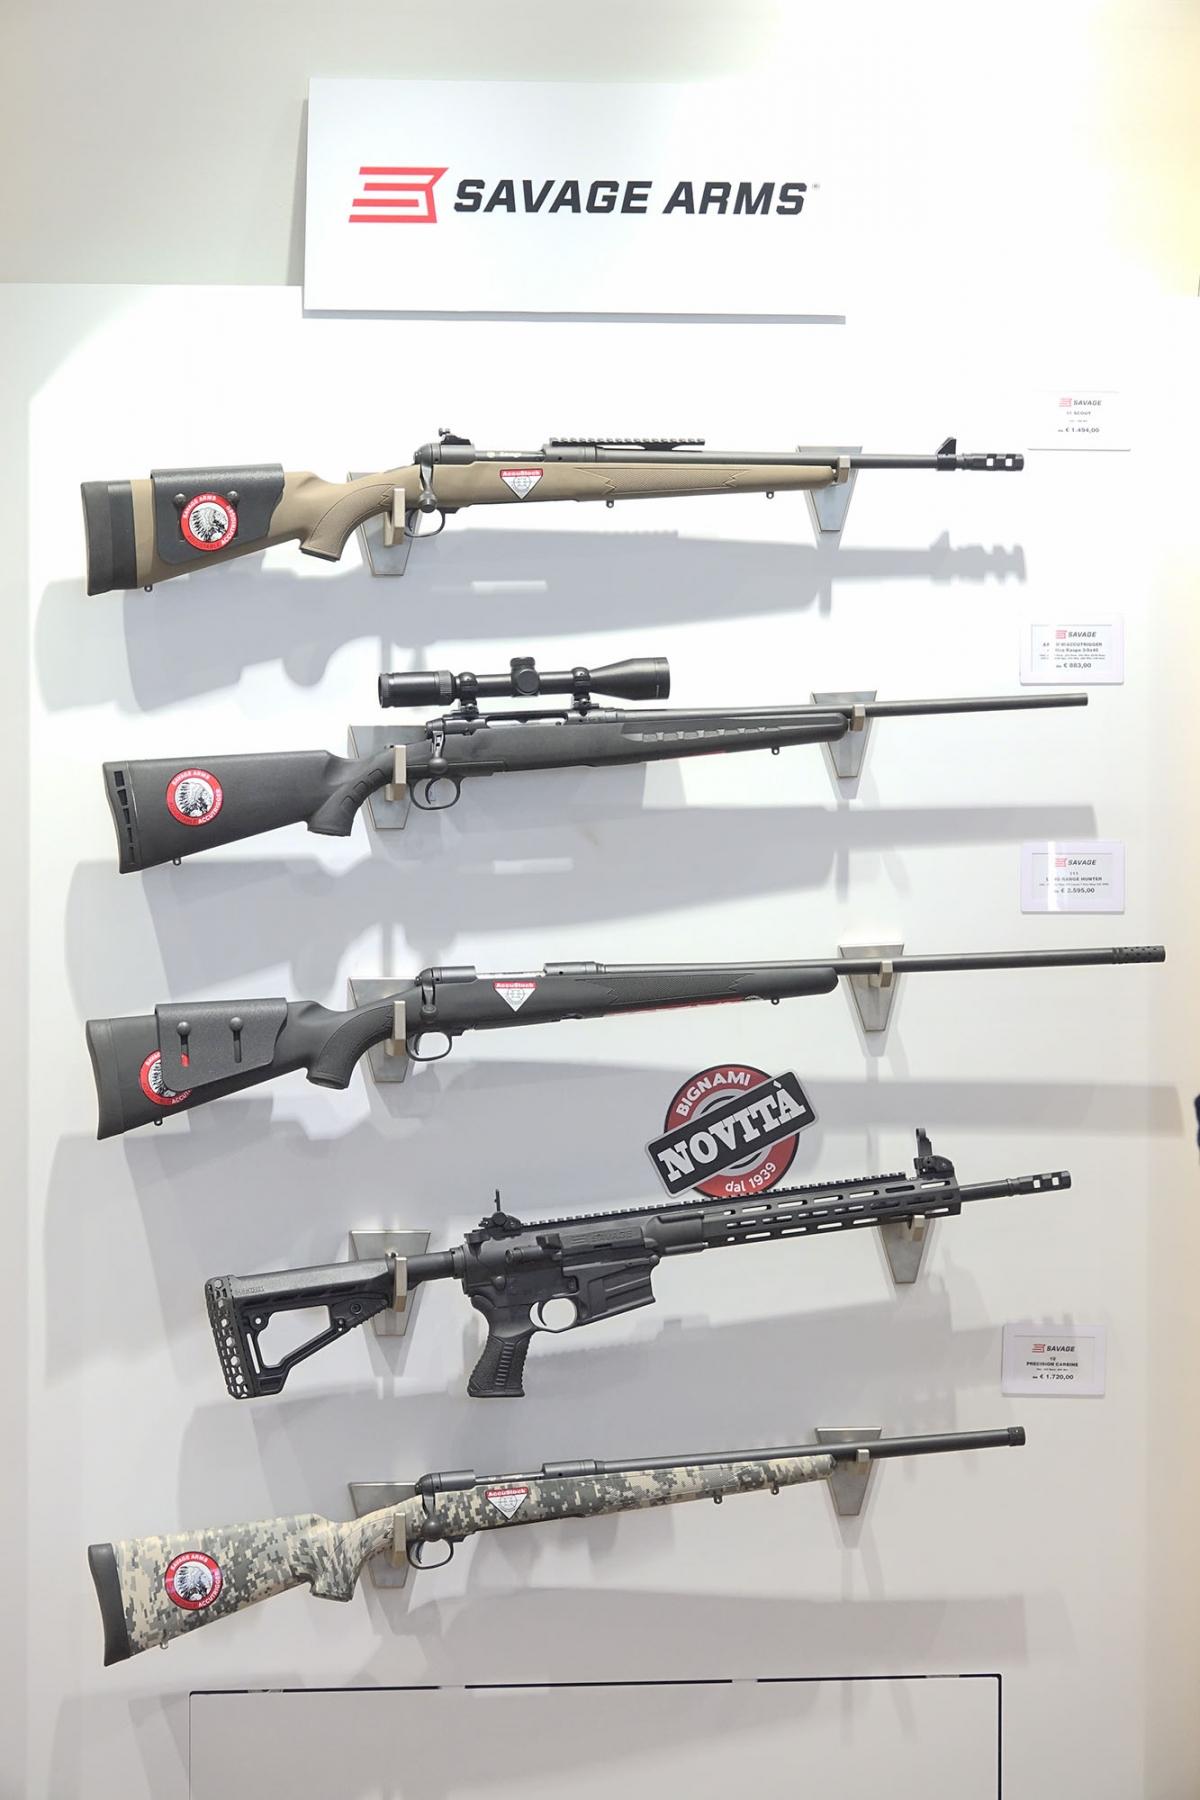 Bignami è distributrice in esclusiva per l'Italia di tutti i prodotti della Savage Arms